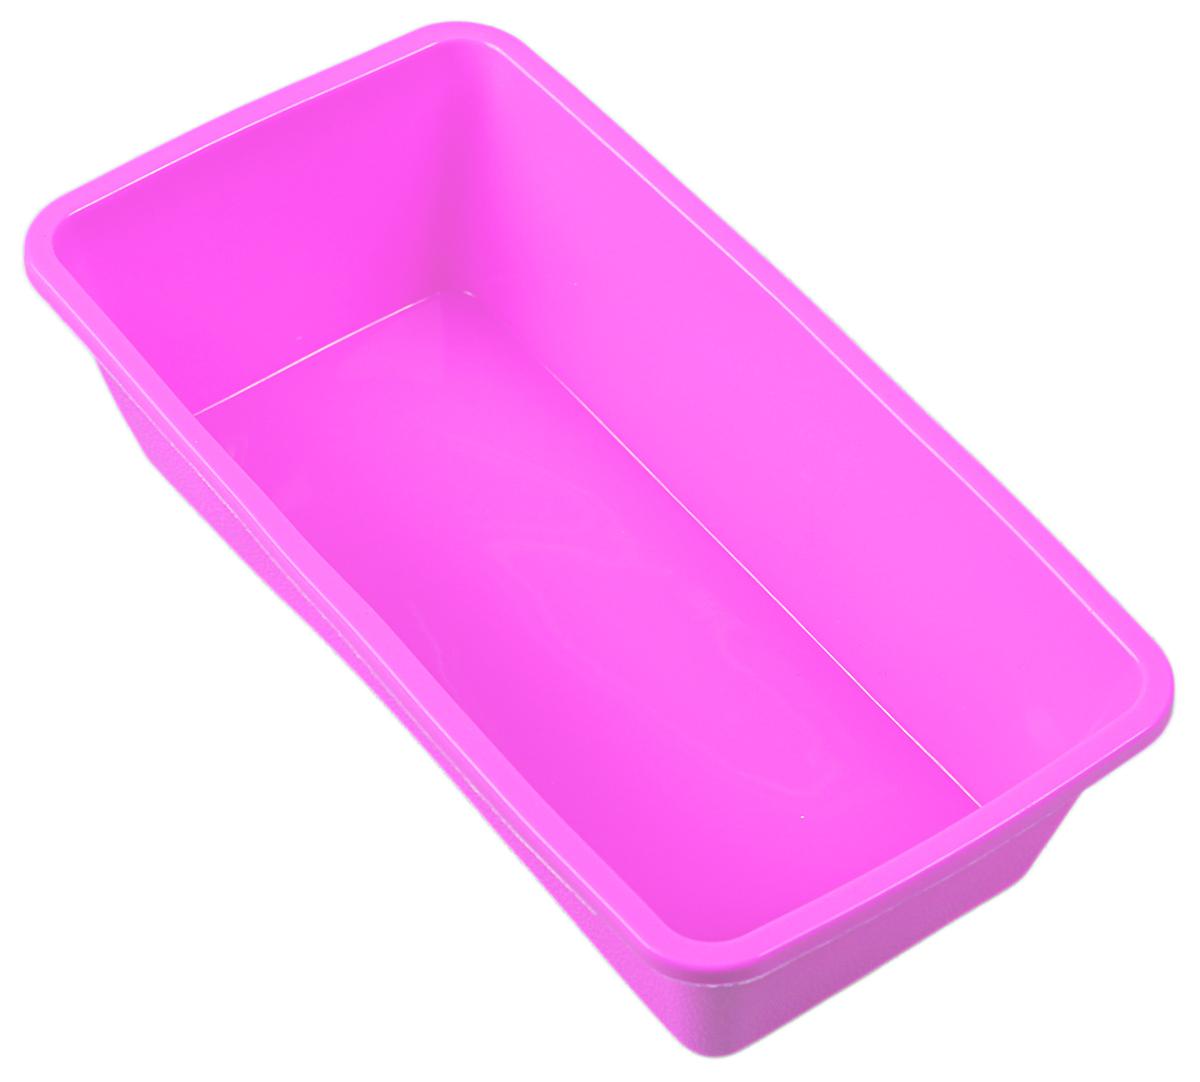 Форма для выпечки Доляна Прямоугольная, цвет: розовый, 22 х 11 х 6 см164562_розовыйФорма для выпечки Доляна Прямоугольная, цвет: розовый, 22 х 11 х 6 см